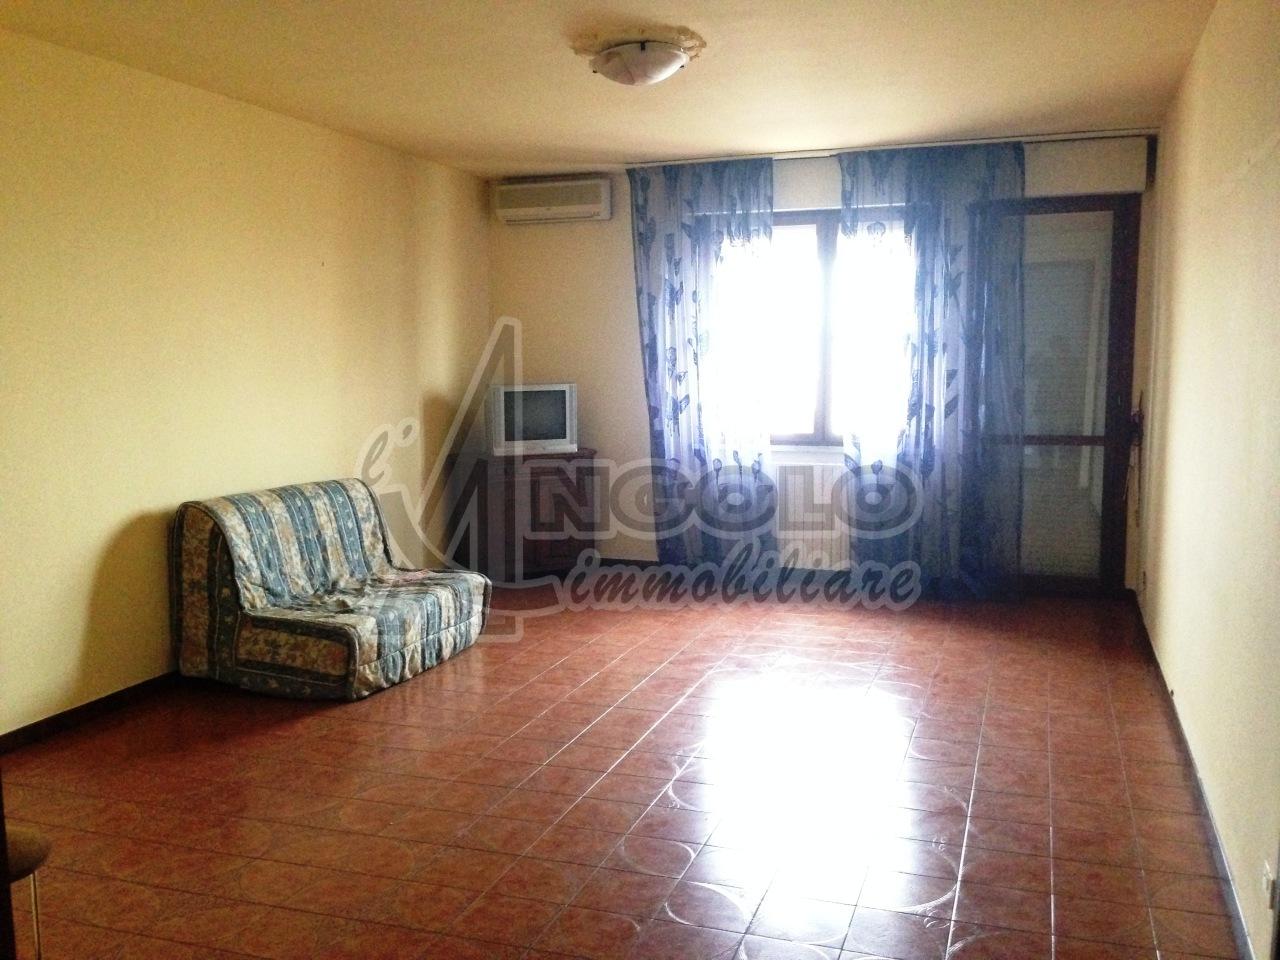 Appartamento in vendita a Occhiobello, 5 locali, prezzo € 68.000   Cambio Casa.it